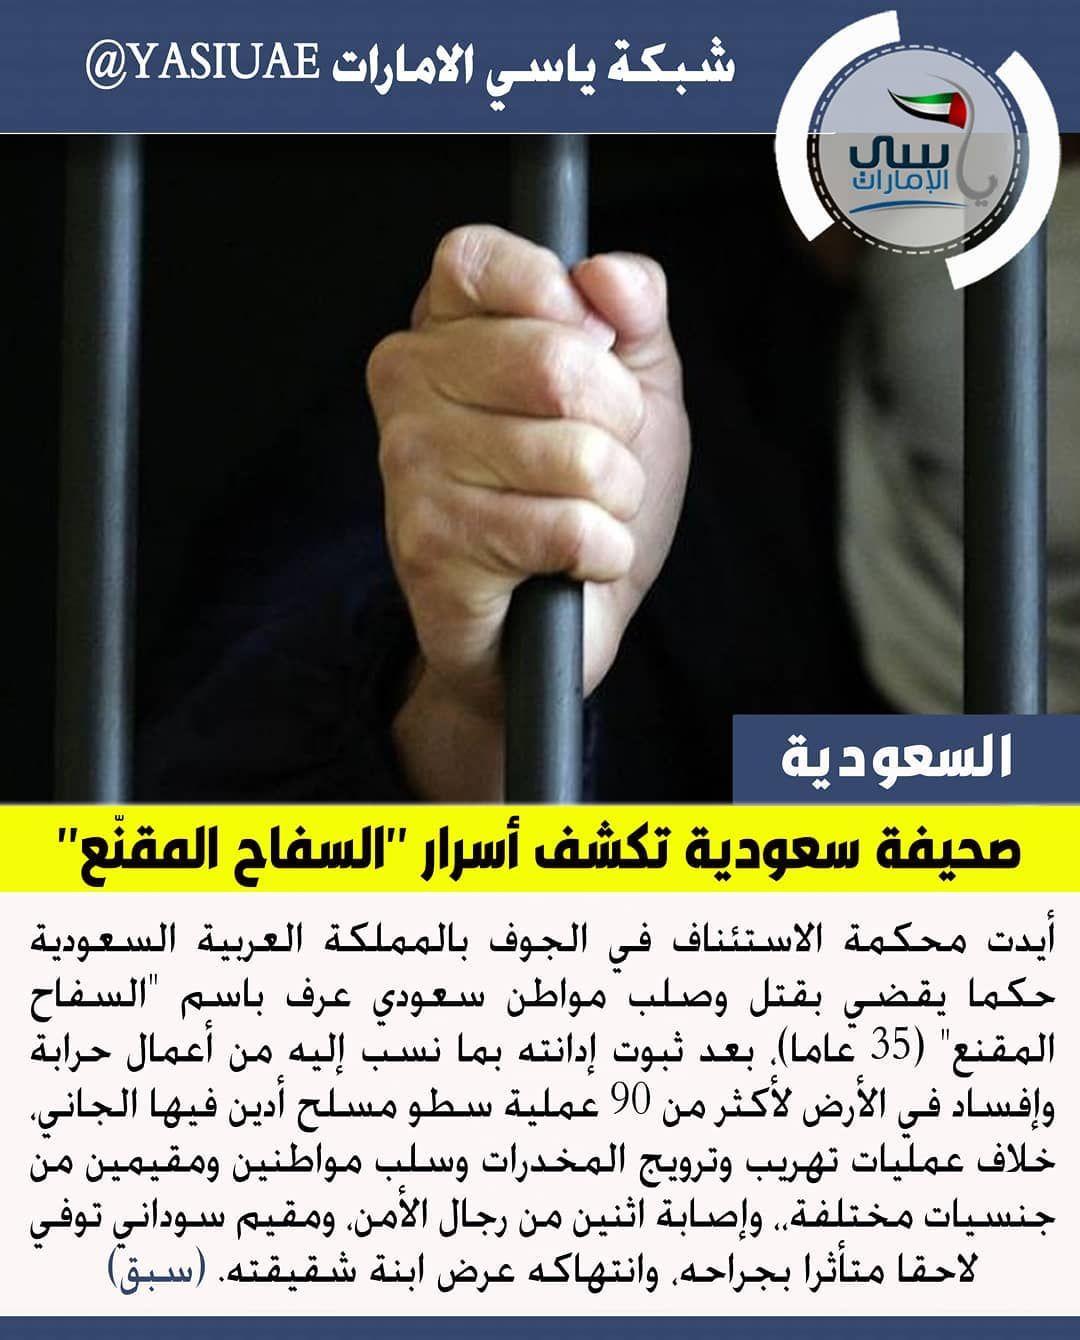 السعودية وبحسب صحيفة عكاظ التي كشفت العديد من أسرار هذا السفاح فقد اعتبرت المحكمة ما أقدم عليه الجاني من جرائم خطف وسلب وسرقة وتهديد وسطو مسل Gel Thumbs Up